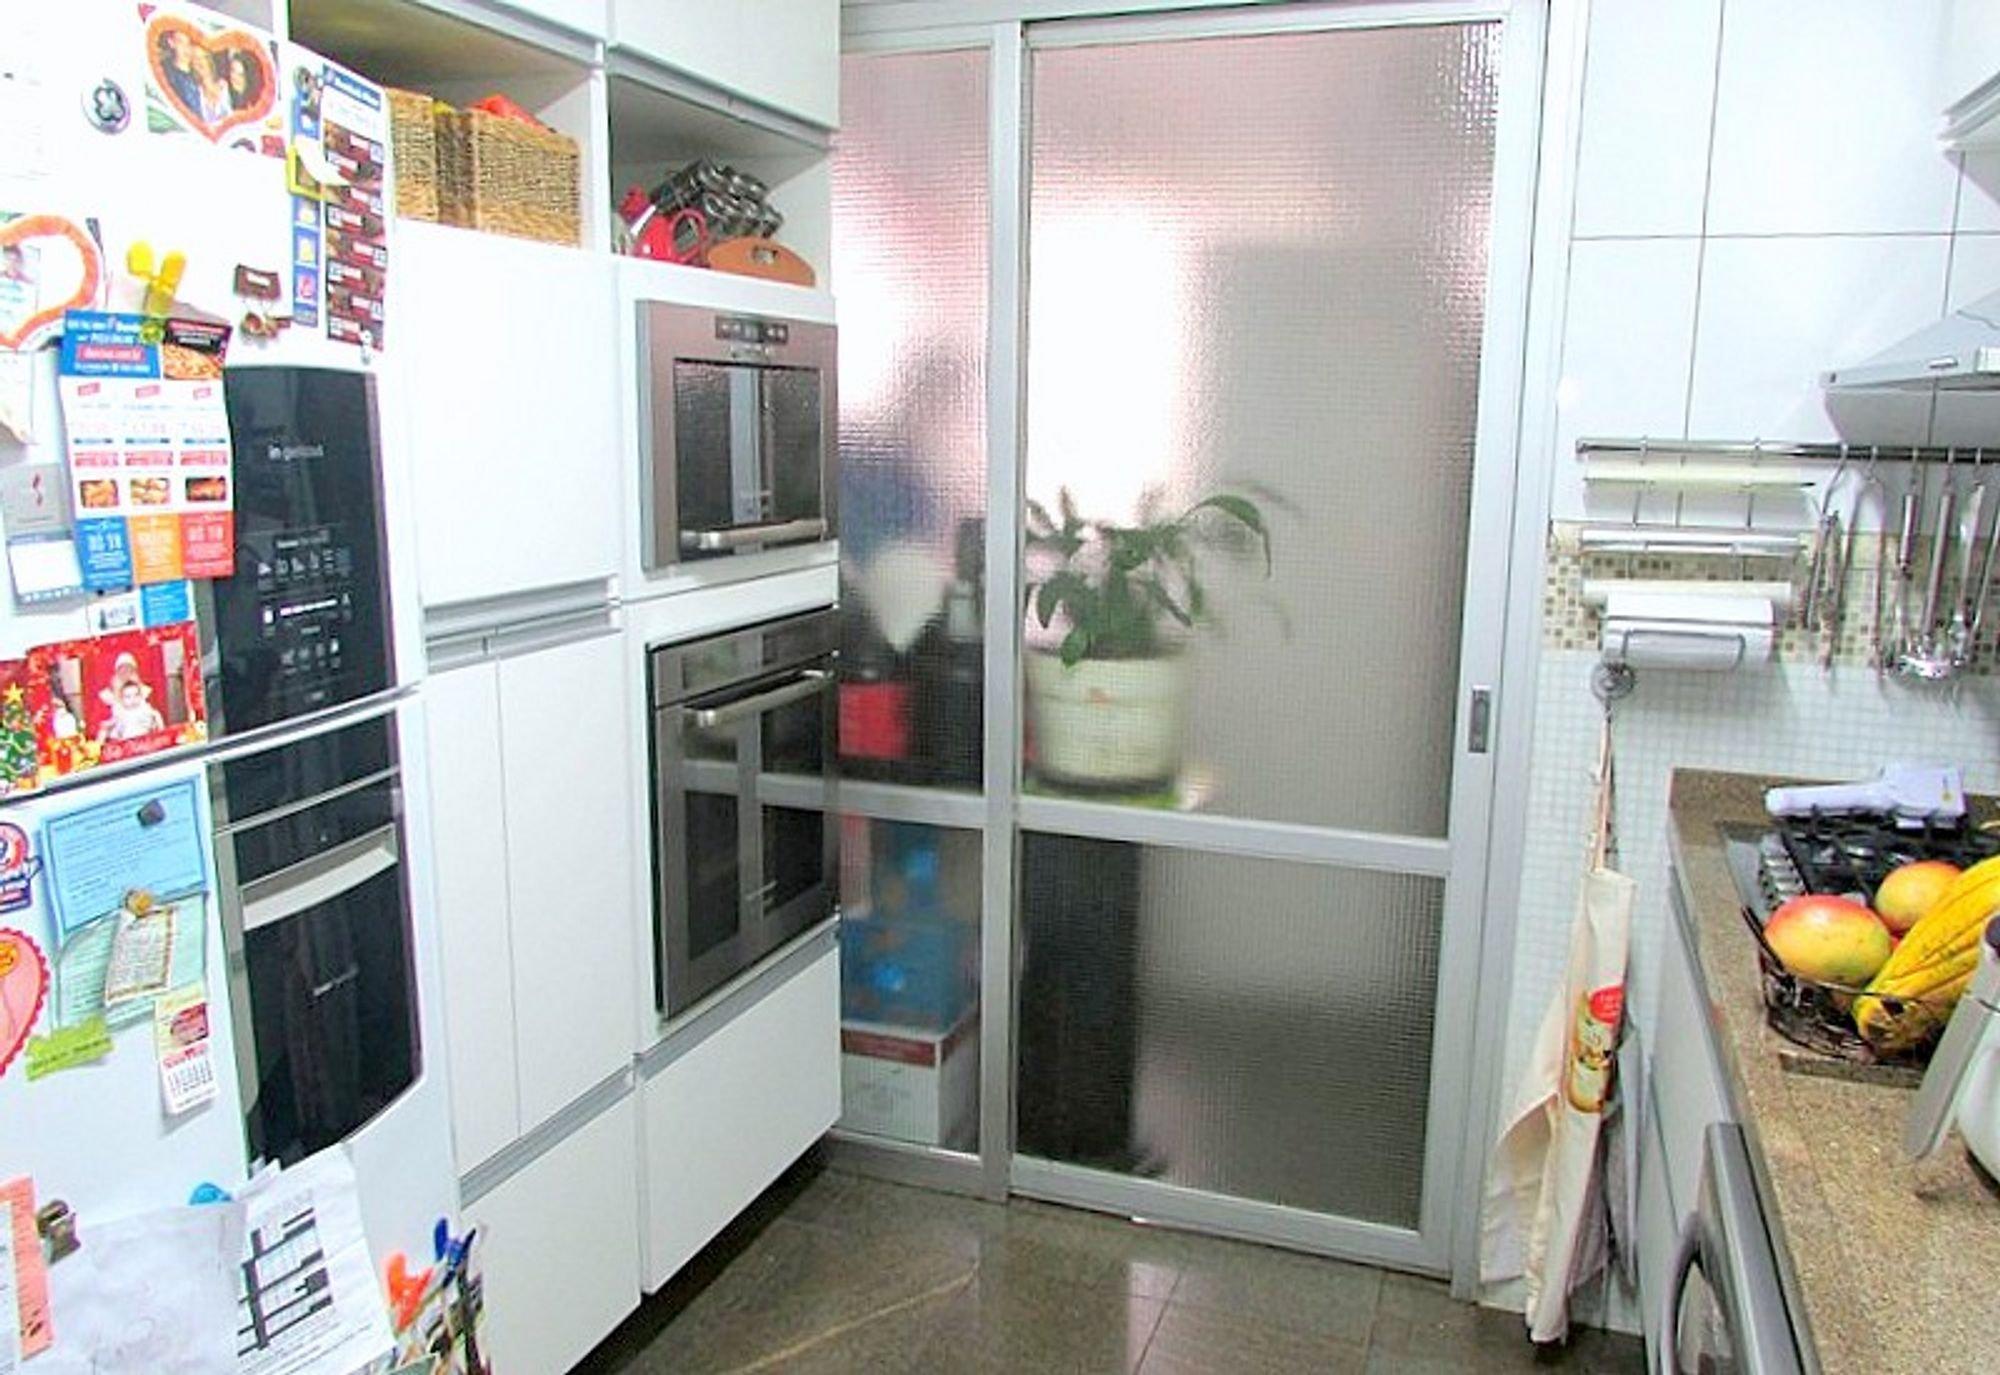 Foto de Cozinha com vaso de planta, forno, geladeira, microondas